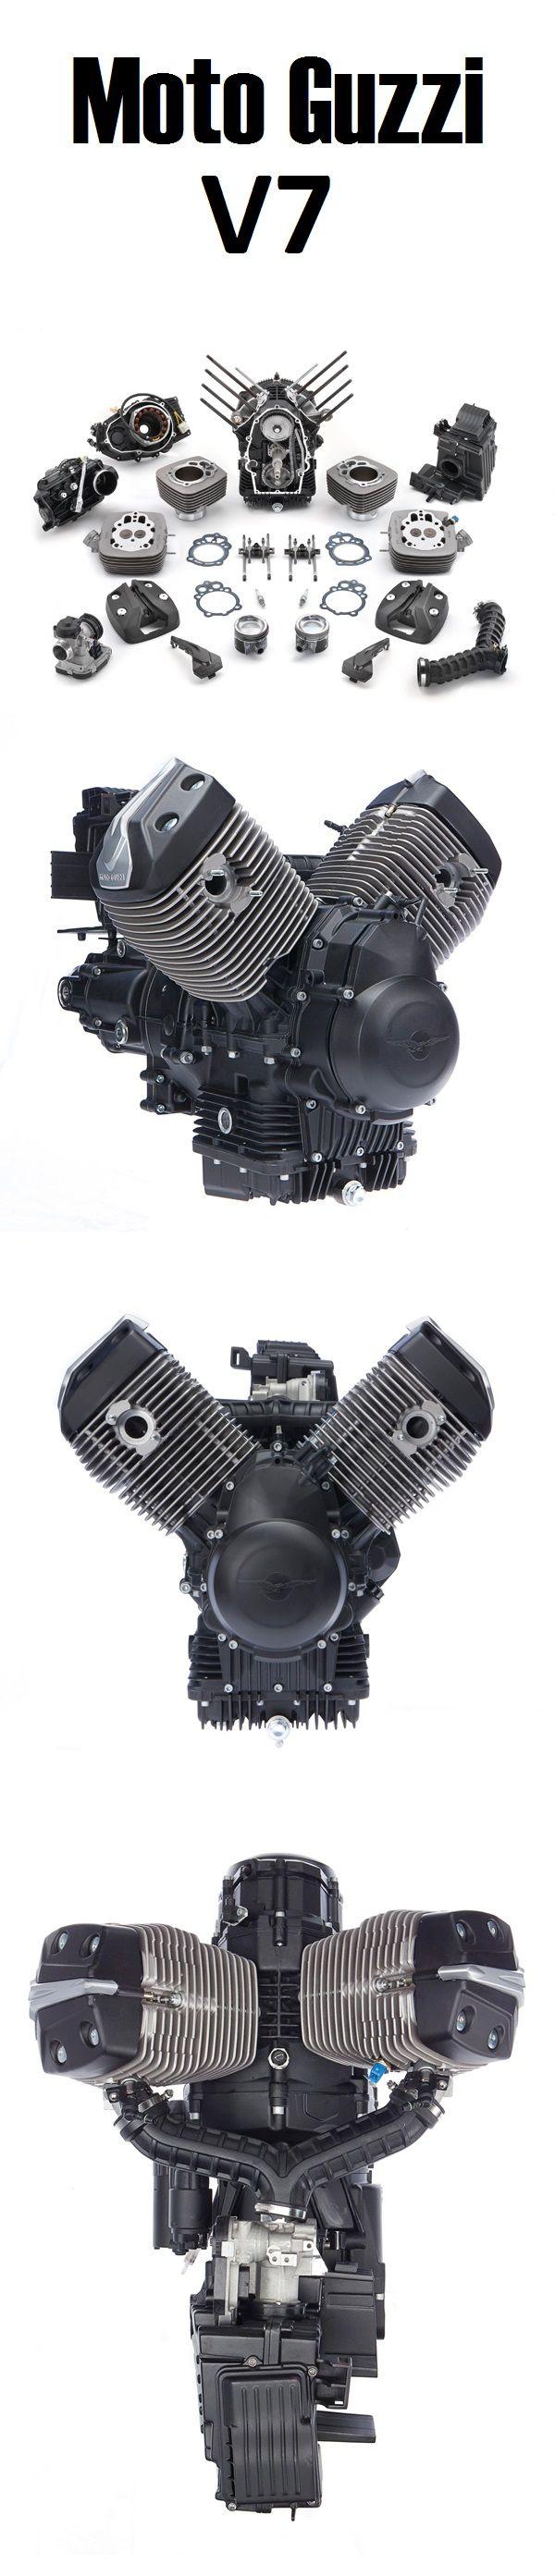 Moto Guzzi V7 Engine                                                                                                                                                                                 More